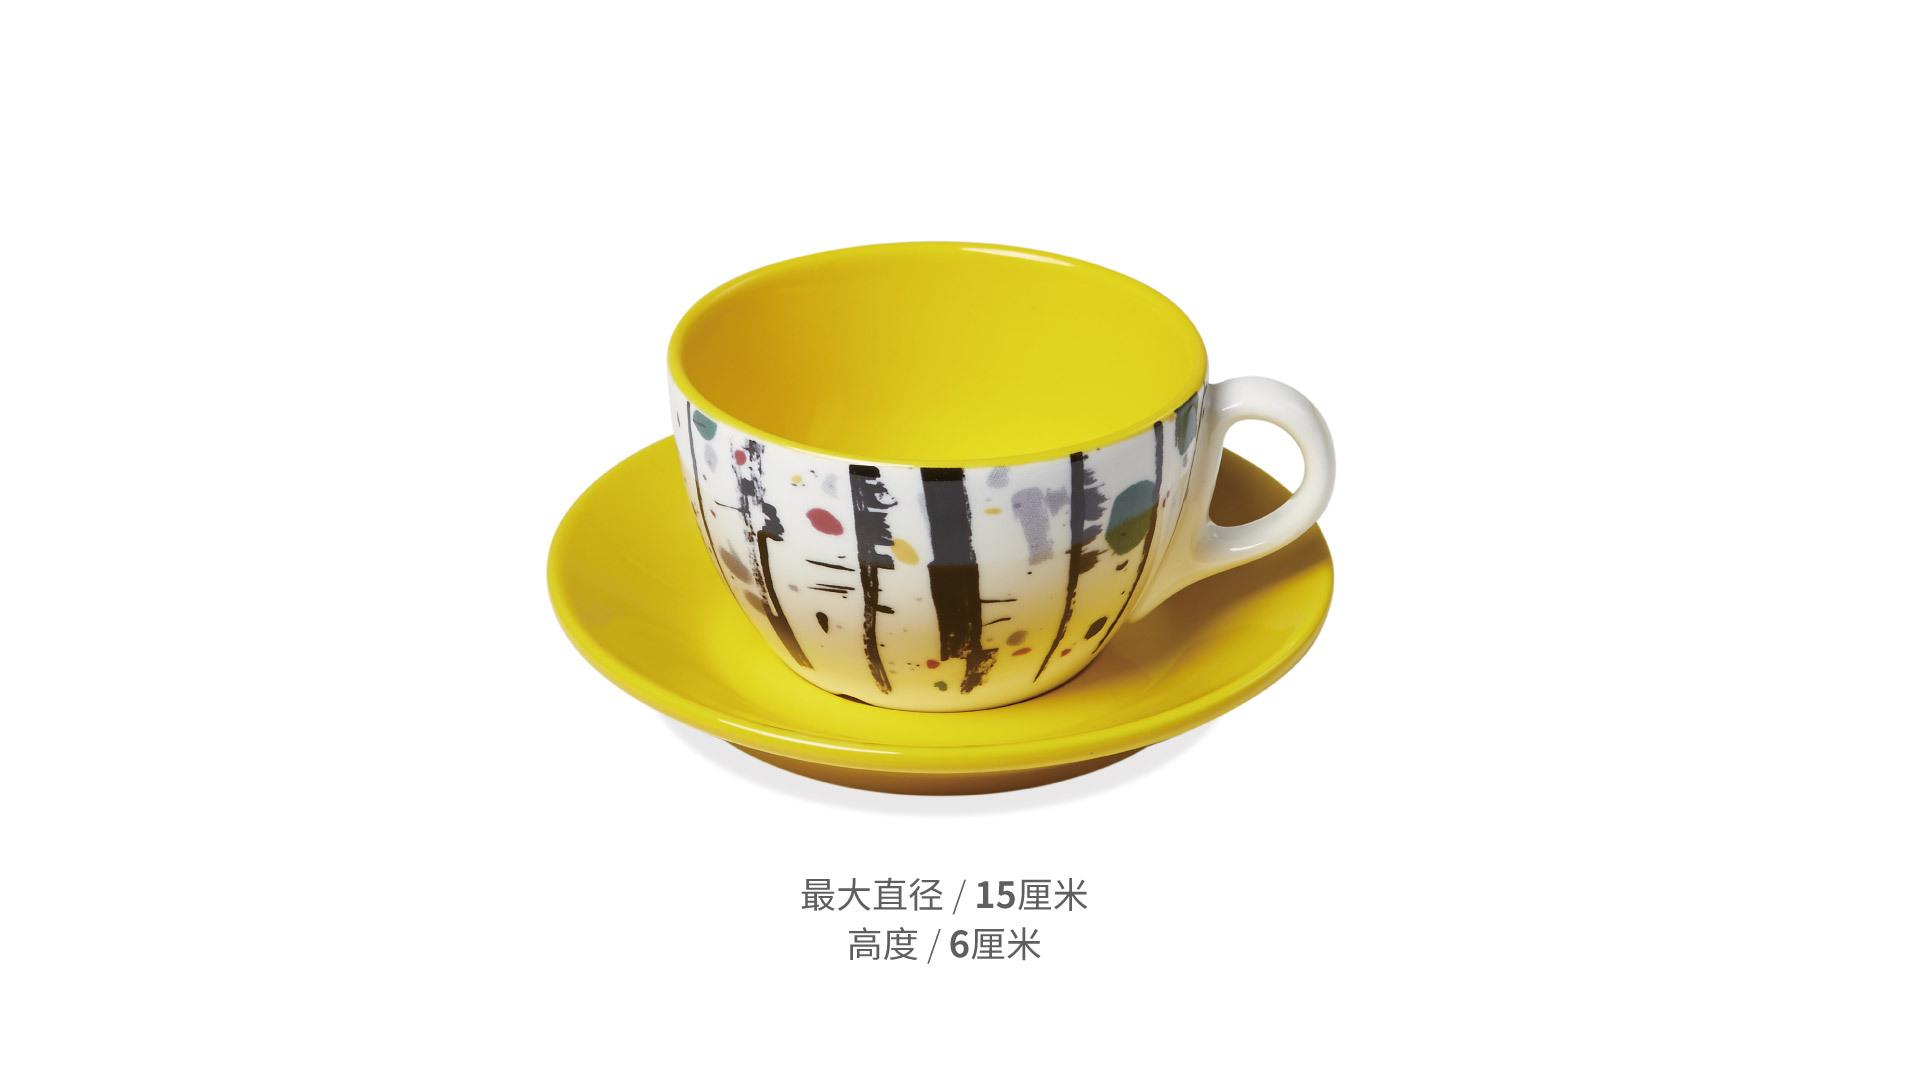 吴冠中艺术瓷餐具组-白桦林咖啡杯套装餐具效果图